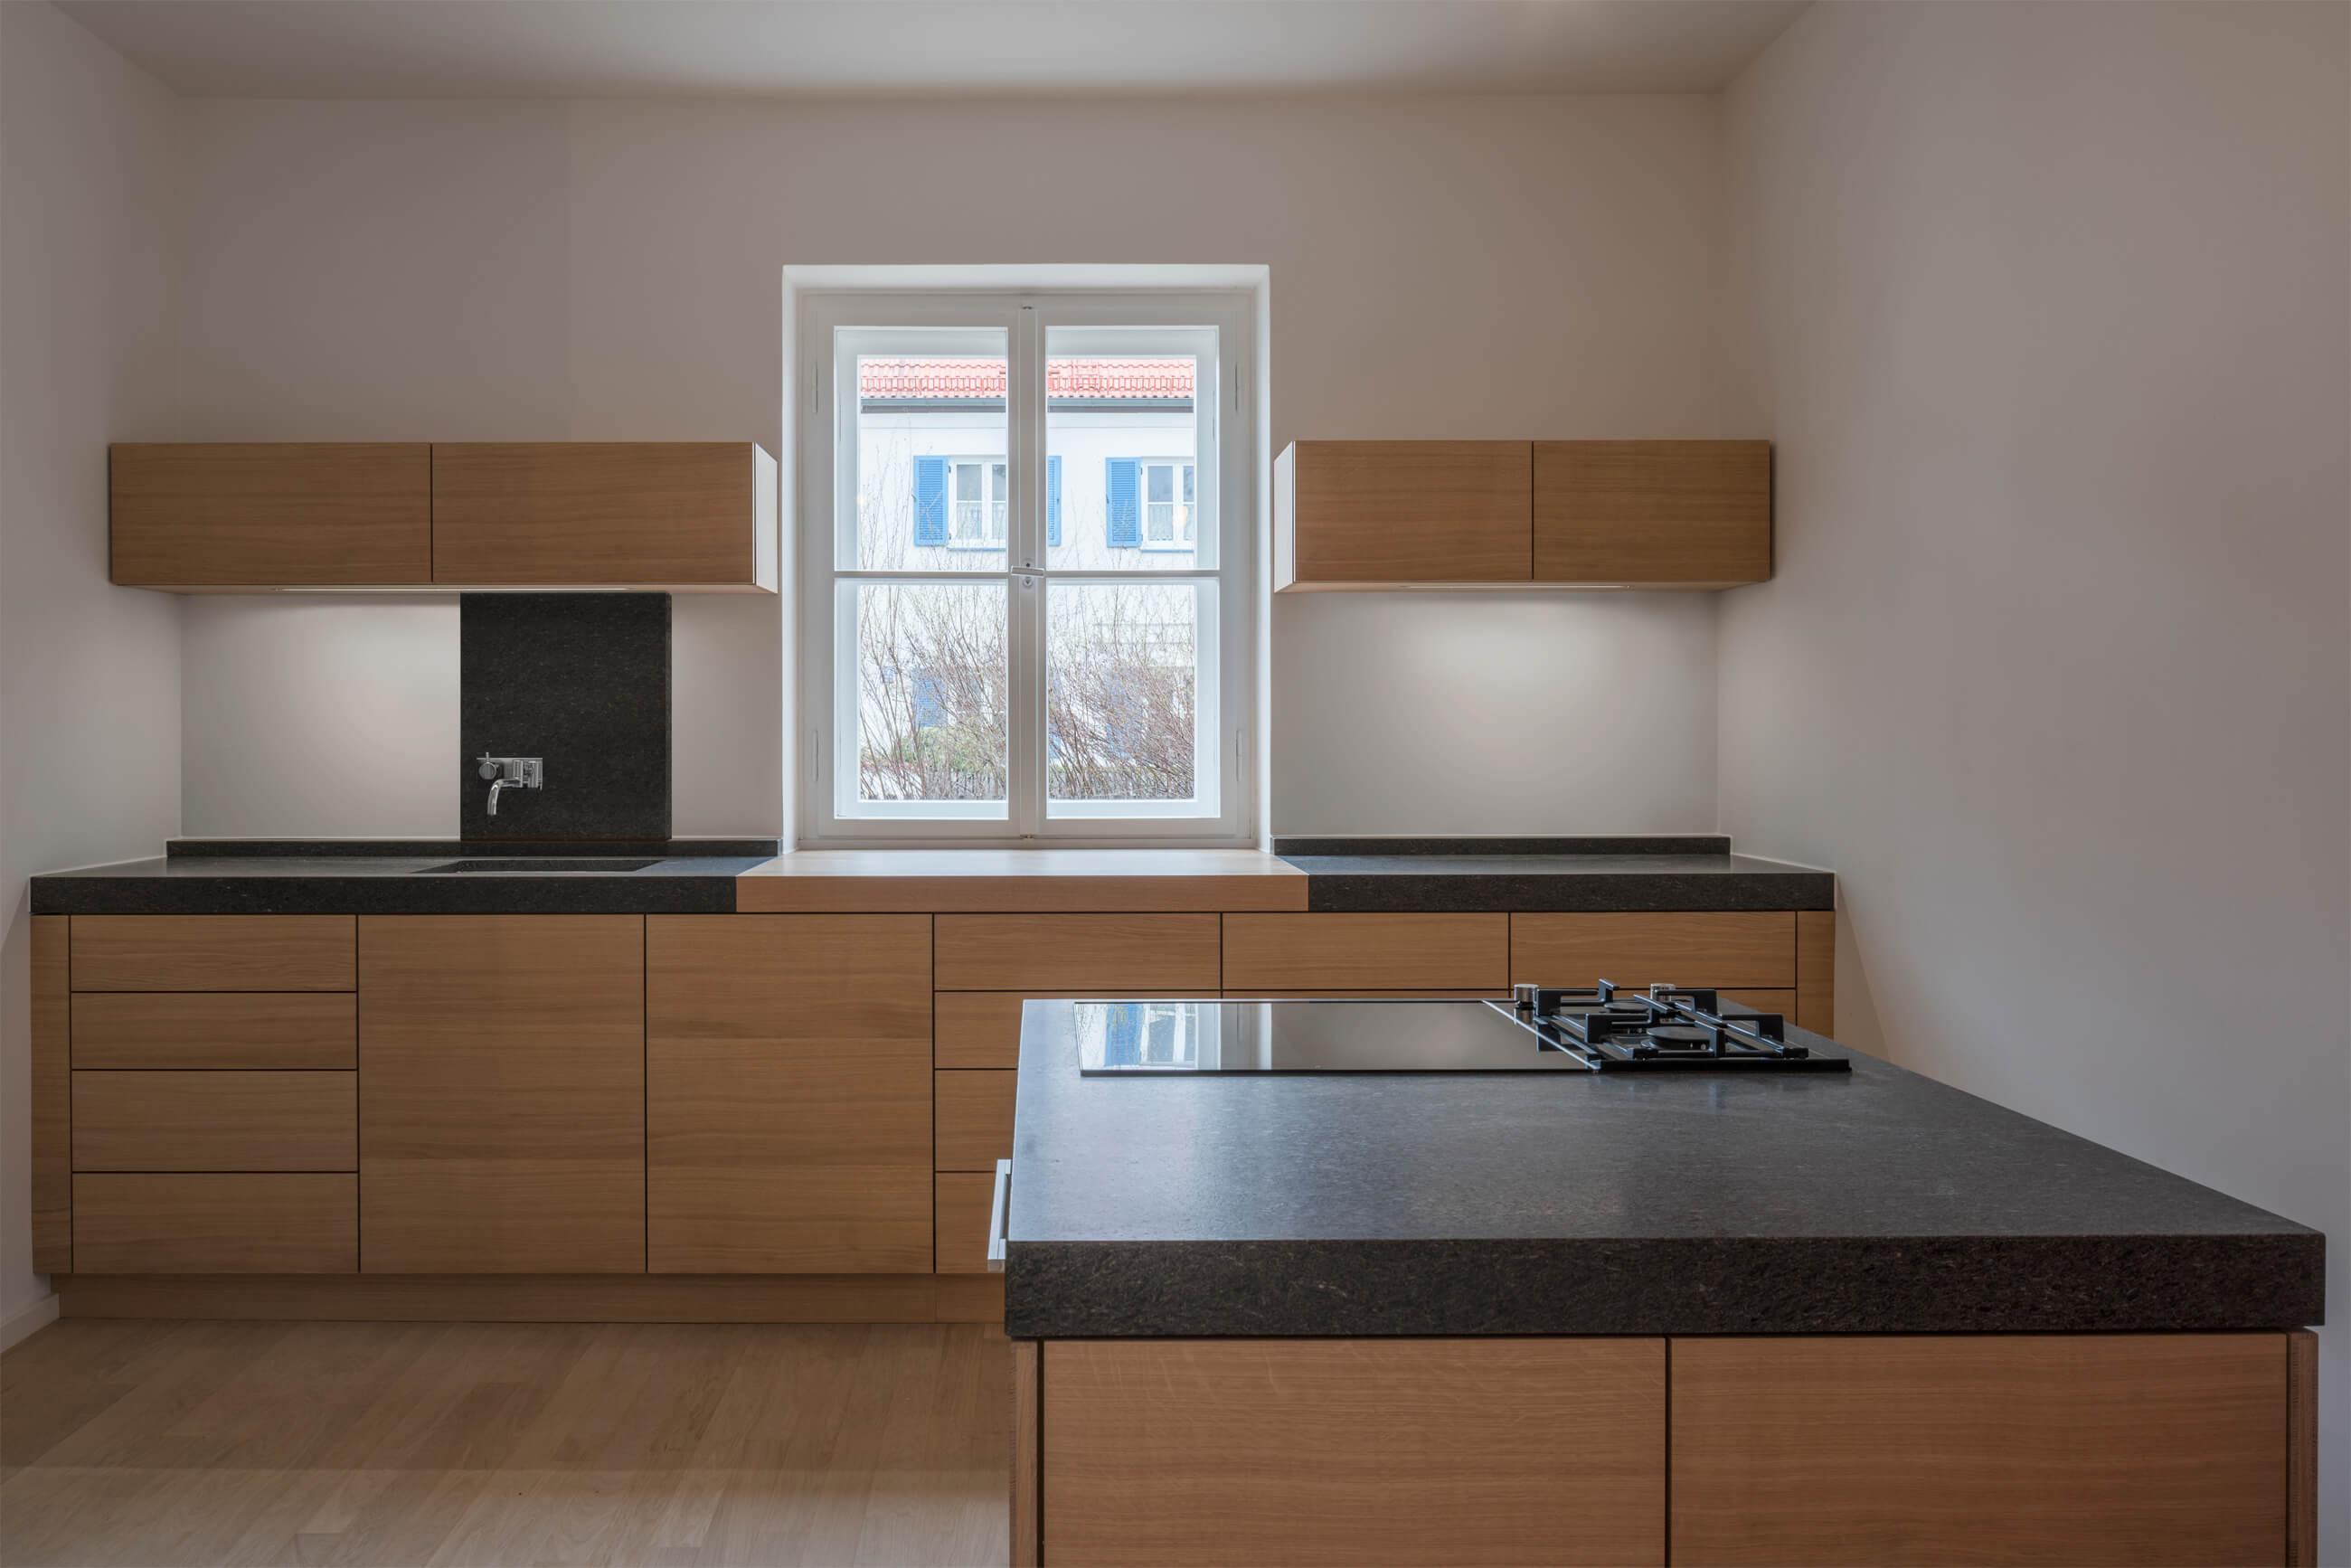 Wohnhaus elmauer stra e - Meck architekten ...